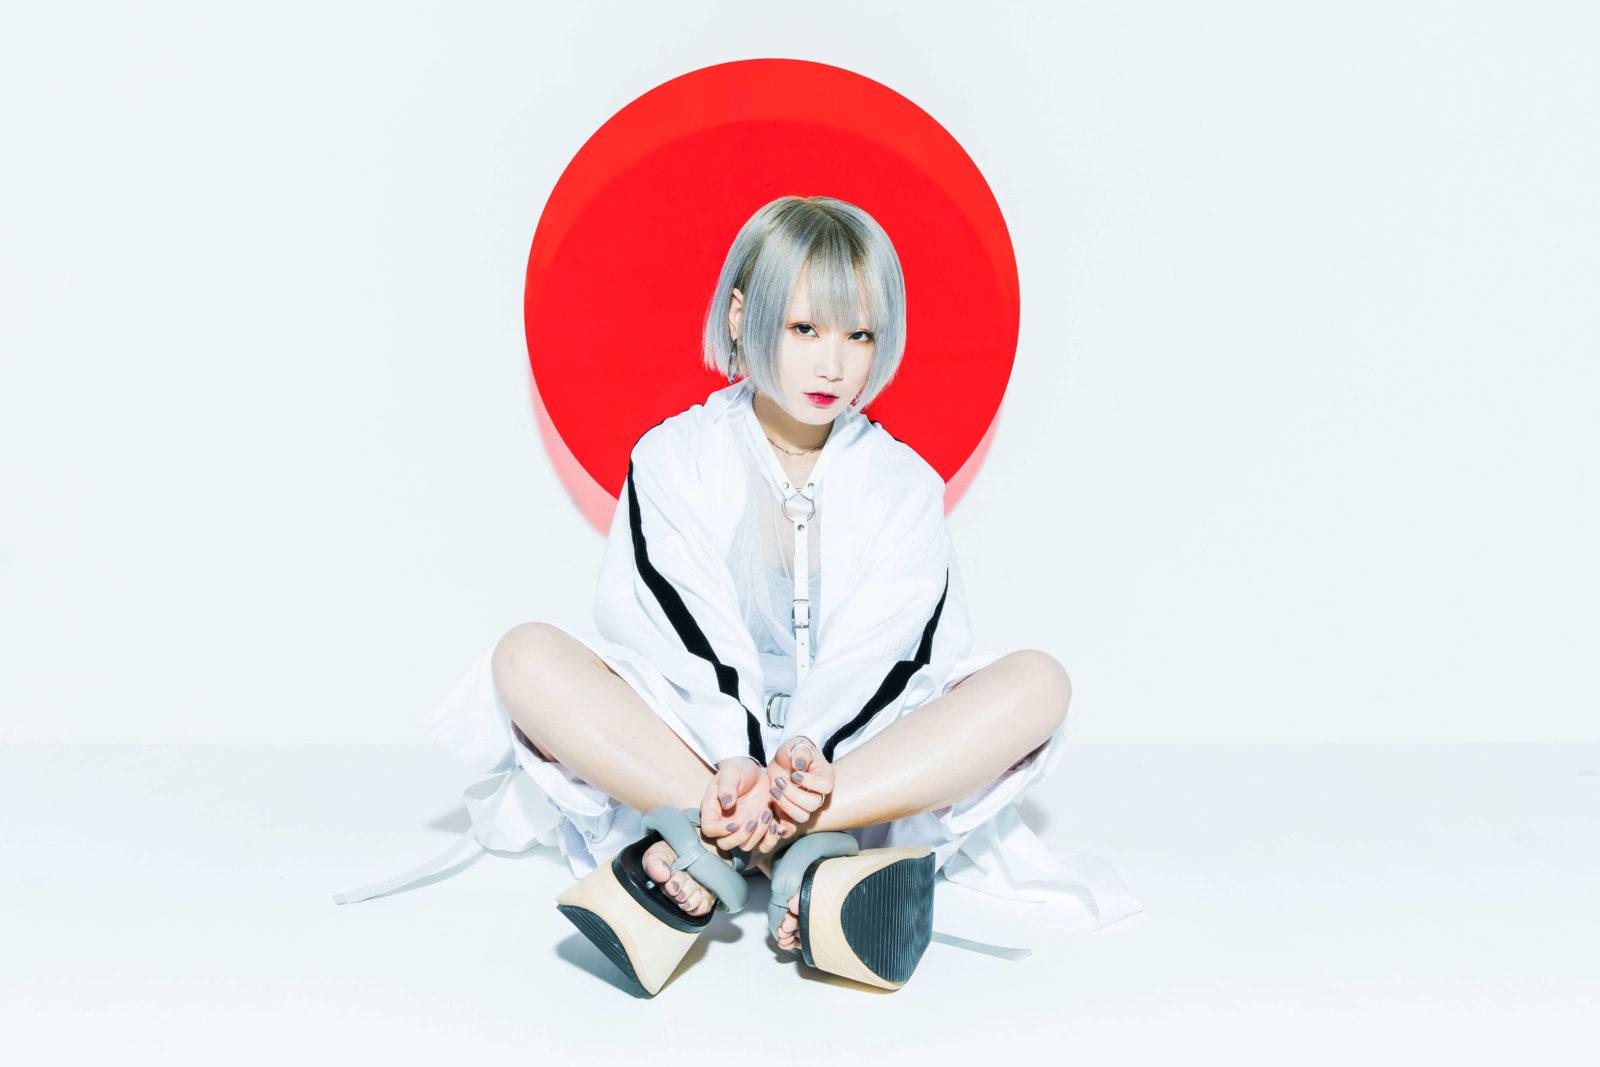 Reol、アルバム『金字塔』ジャケット&商品形態を公開サムネイル画像